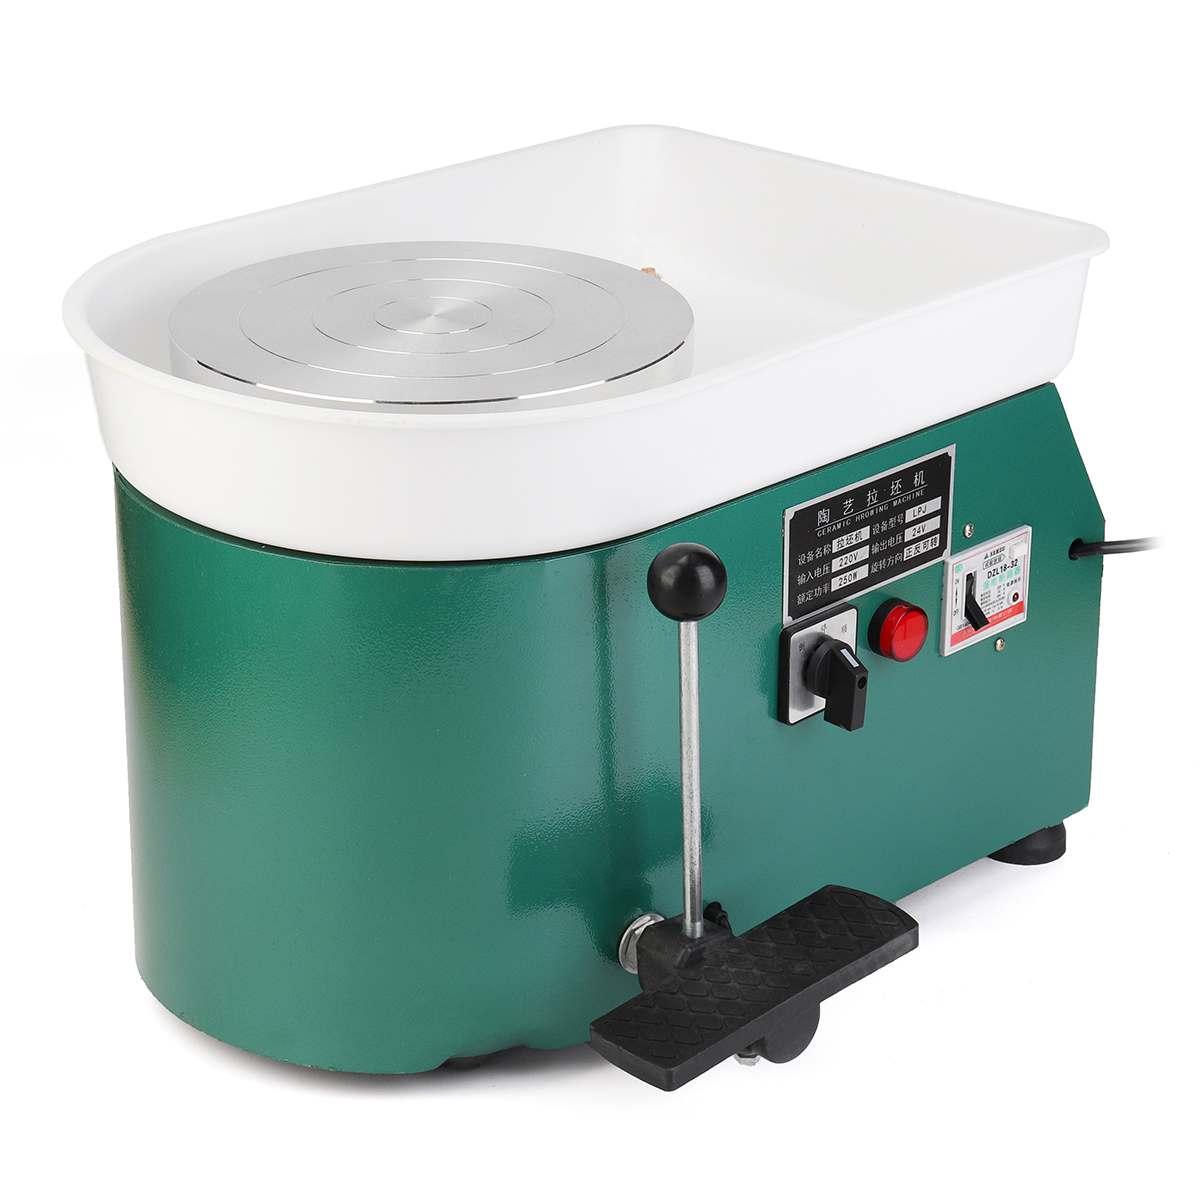 3 couleurs 110 V/220 V poterie formant la Machine 250 W/350 W poterie électrique roue argile pour travaux pratiques outil avec plateau pour céramique travail céramique - 4